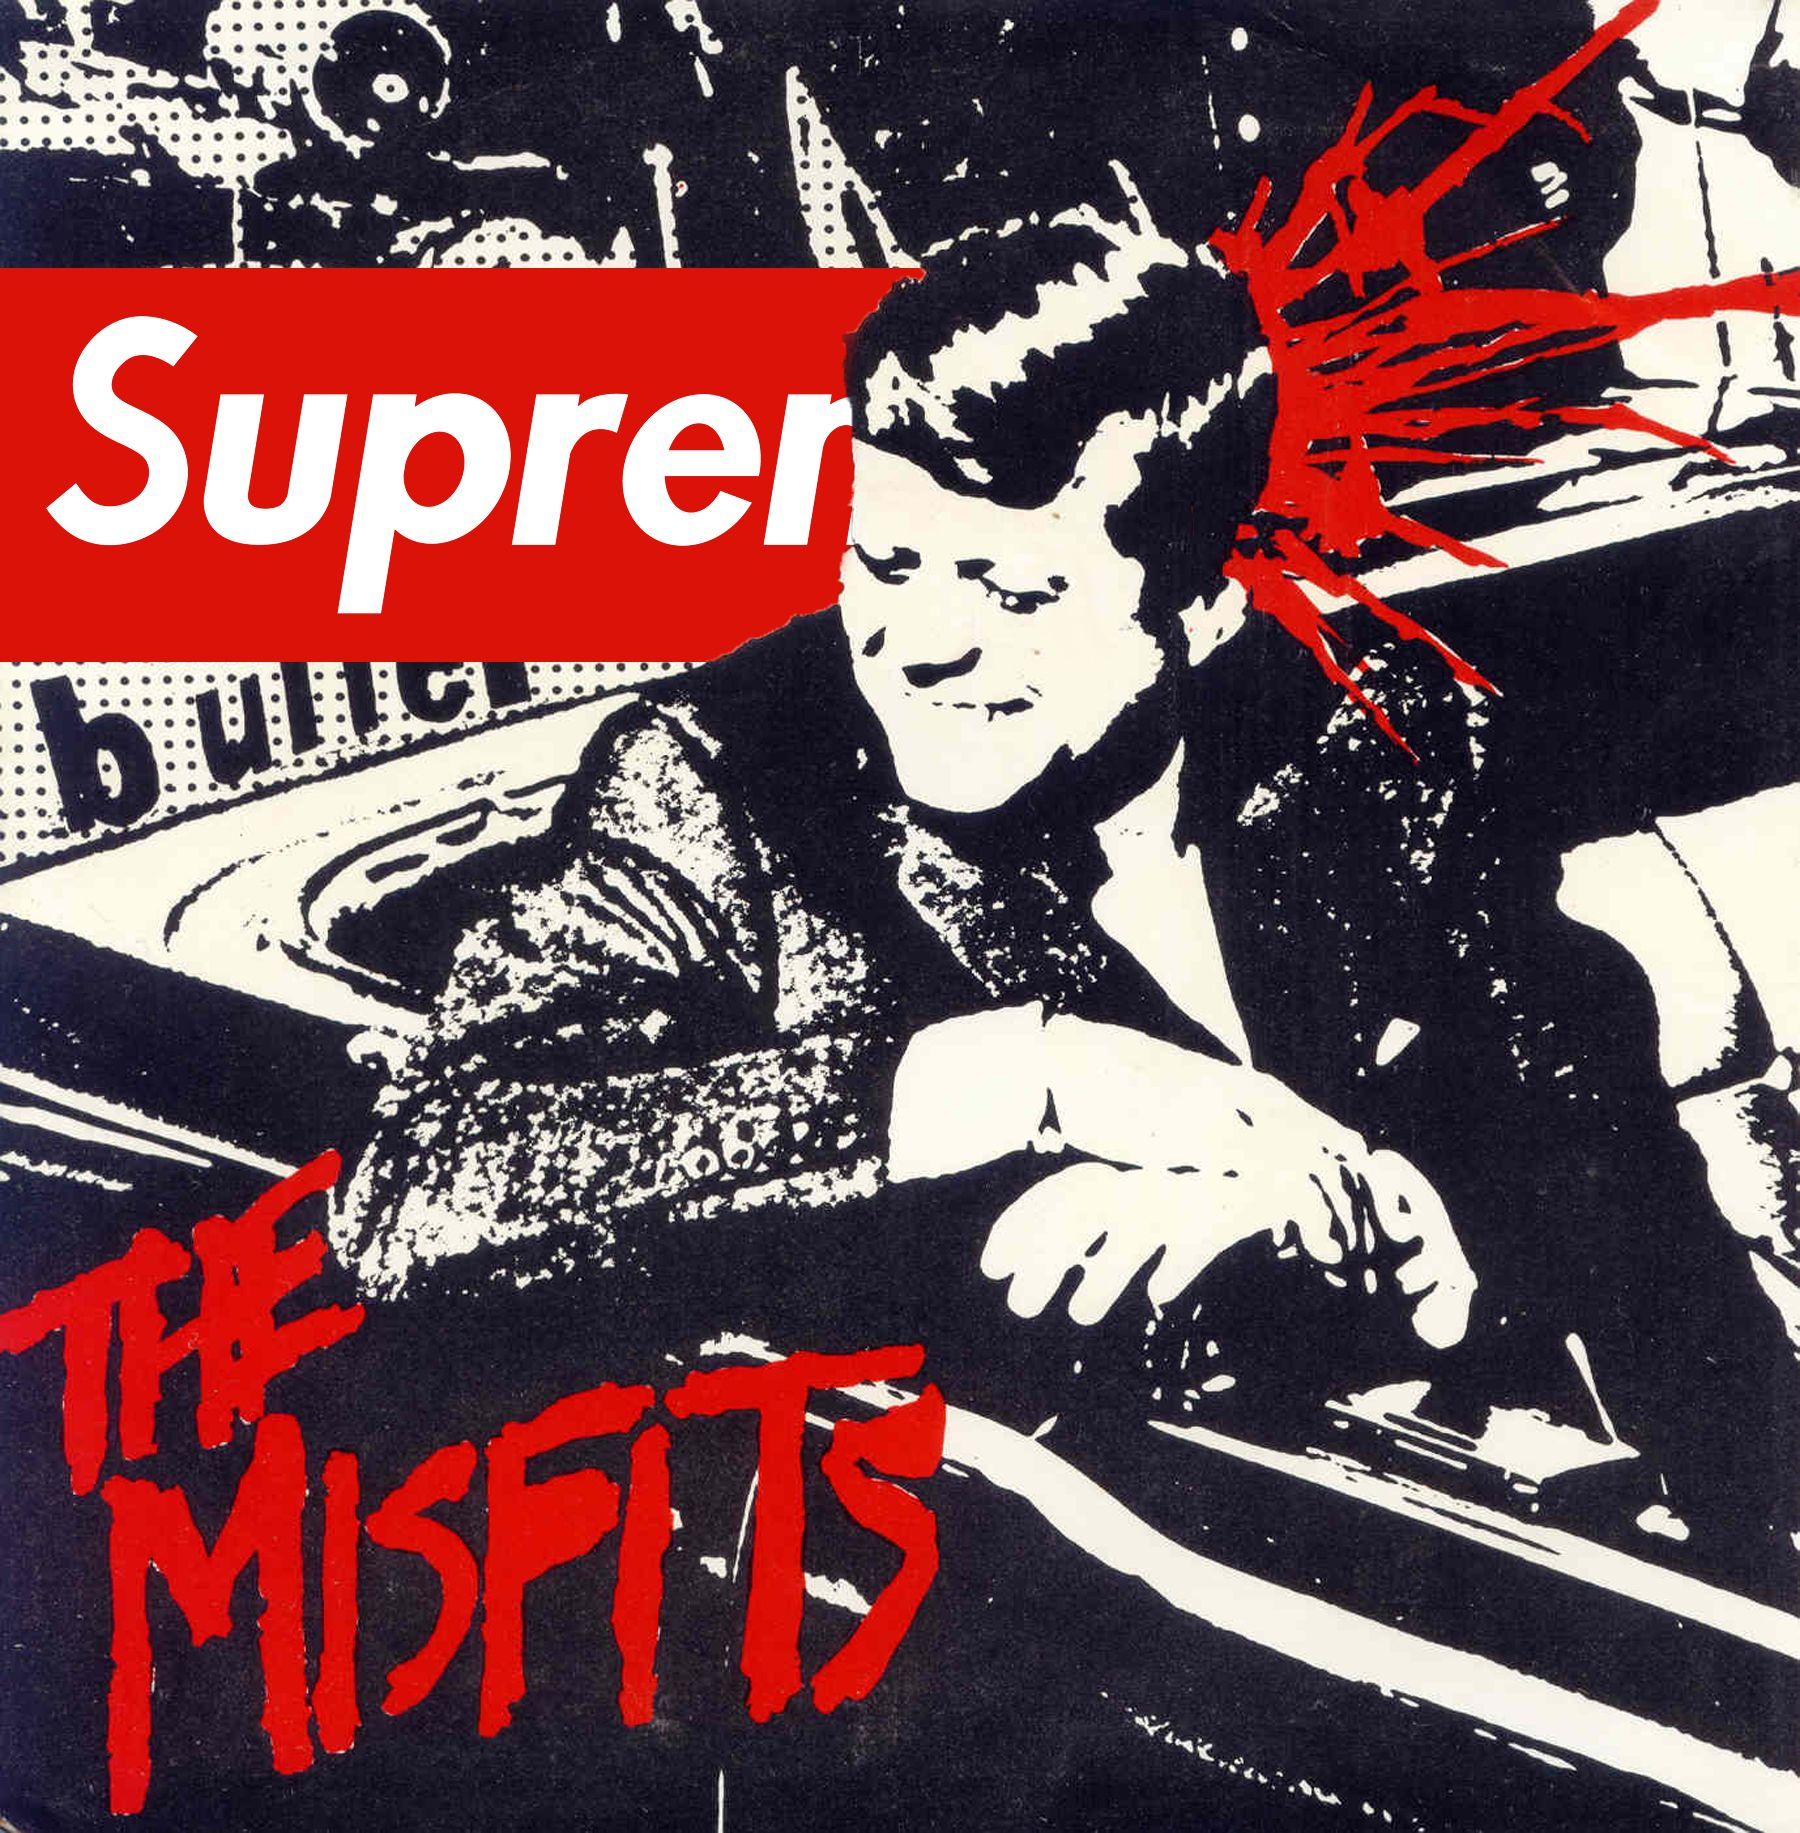 bb312f9d1b4c8 The Misfits x Supreme